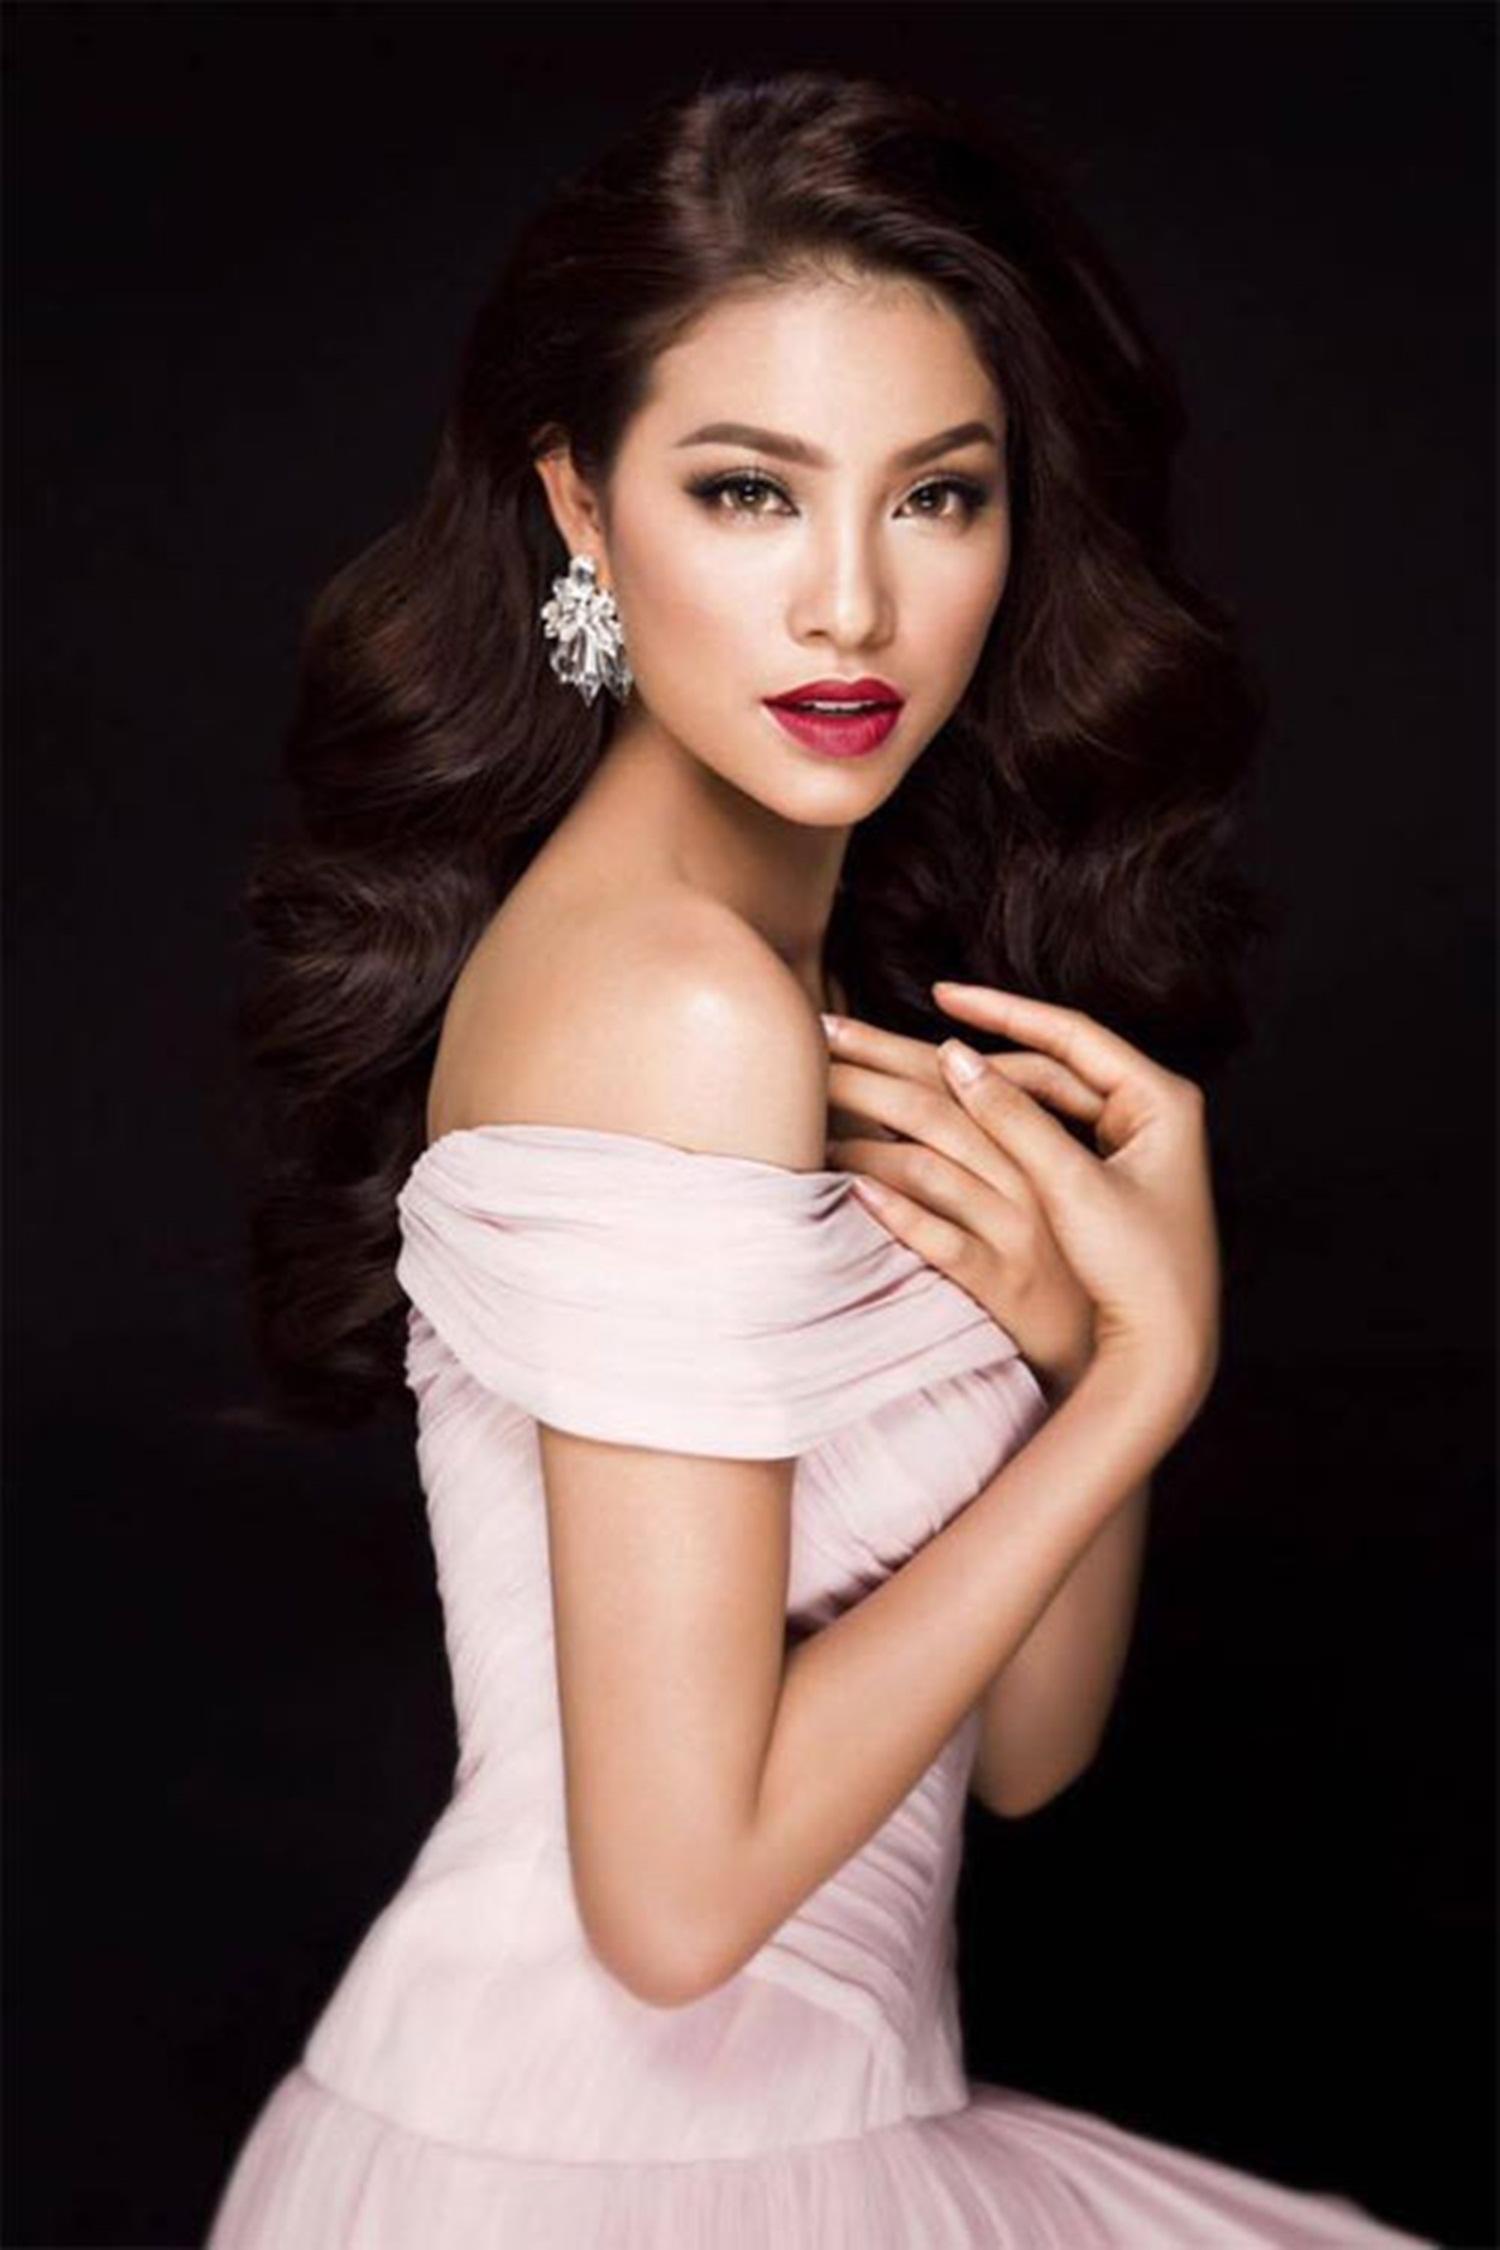 Trước khi dự thi Hoa hậu Hoàn vũ Việt Nam thì Phạm Hương từng đoạt danh hiệu Á hậu 1 Hoa hậu thể thao 2014 tổ chức tại Nga và lọt top 10 Hoa hậu Việt Nam 2014.